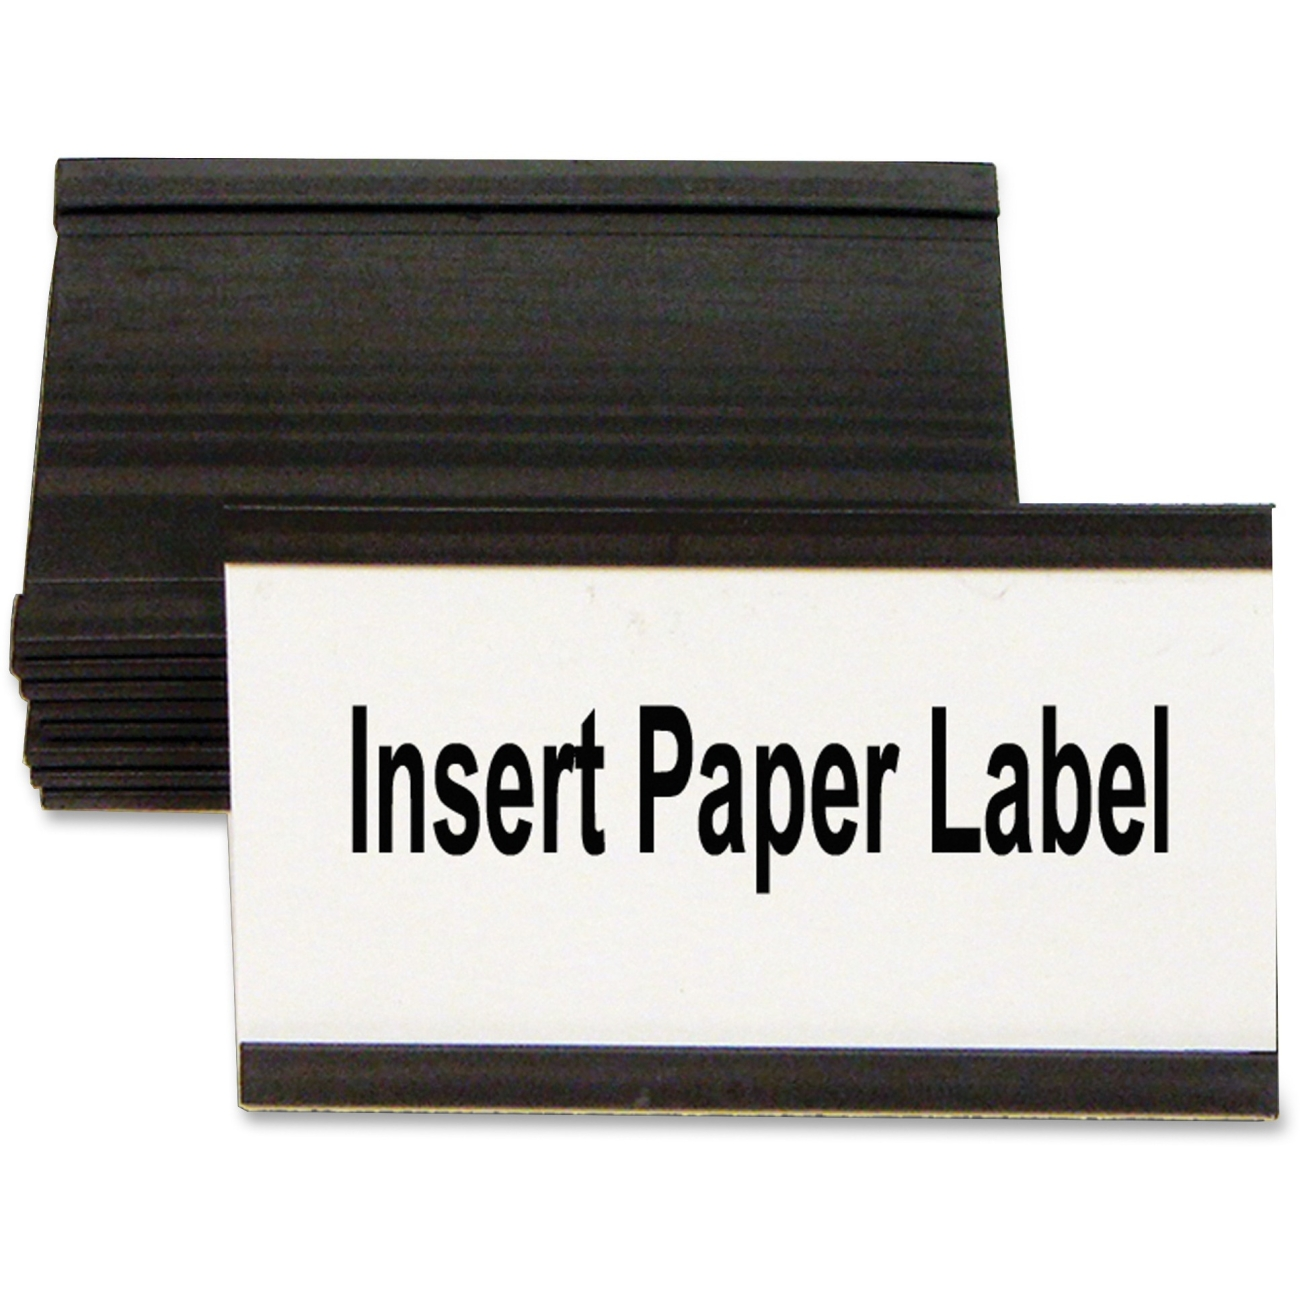 Sending us print ready artwork?